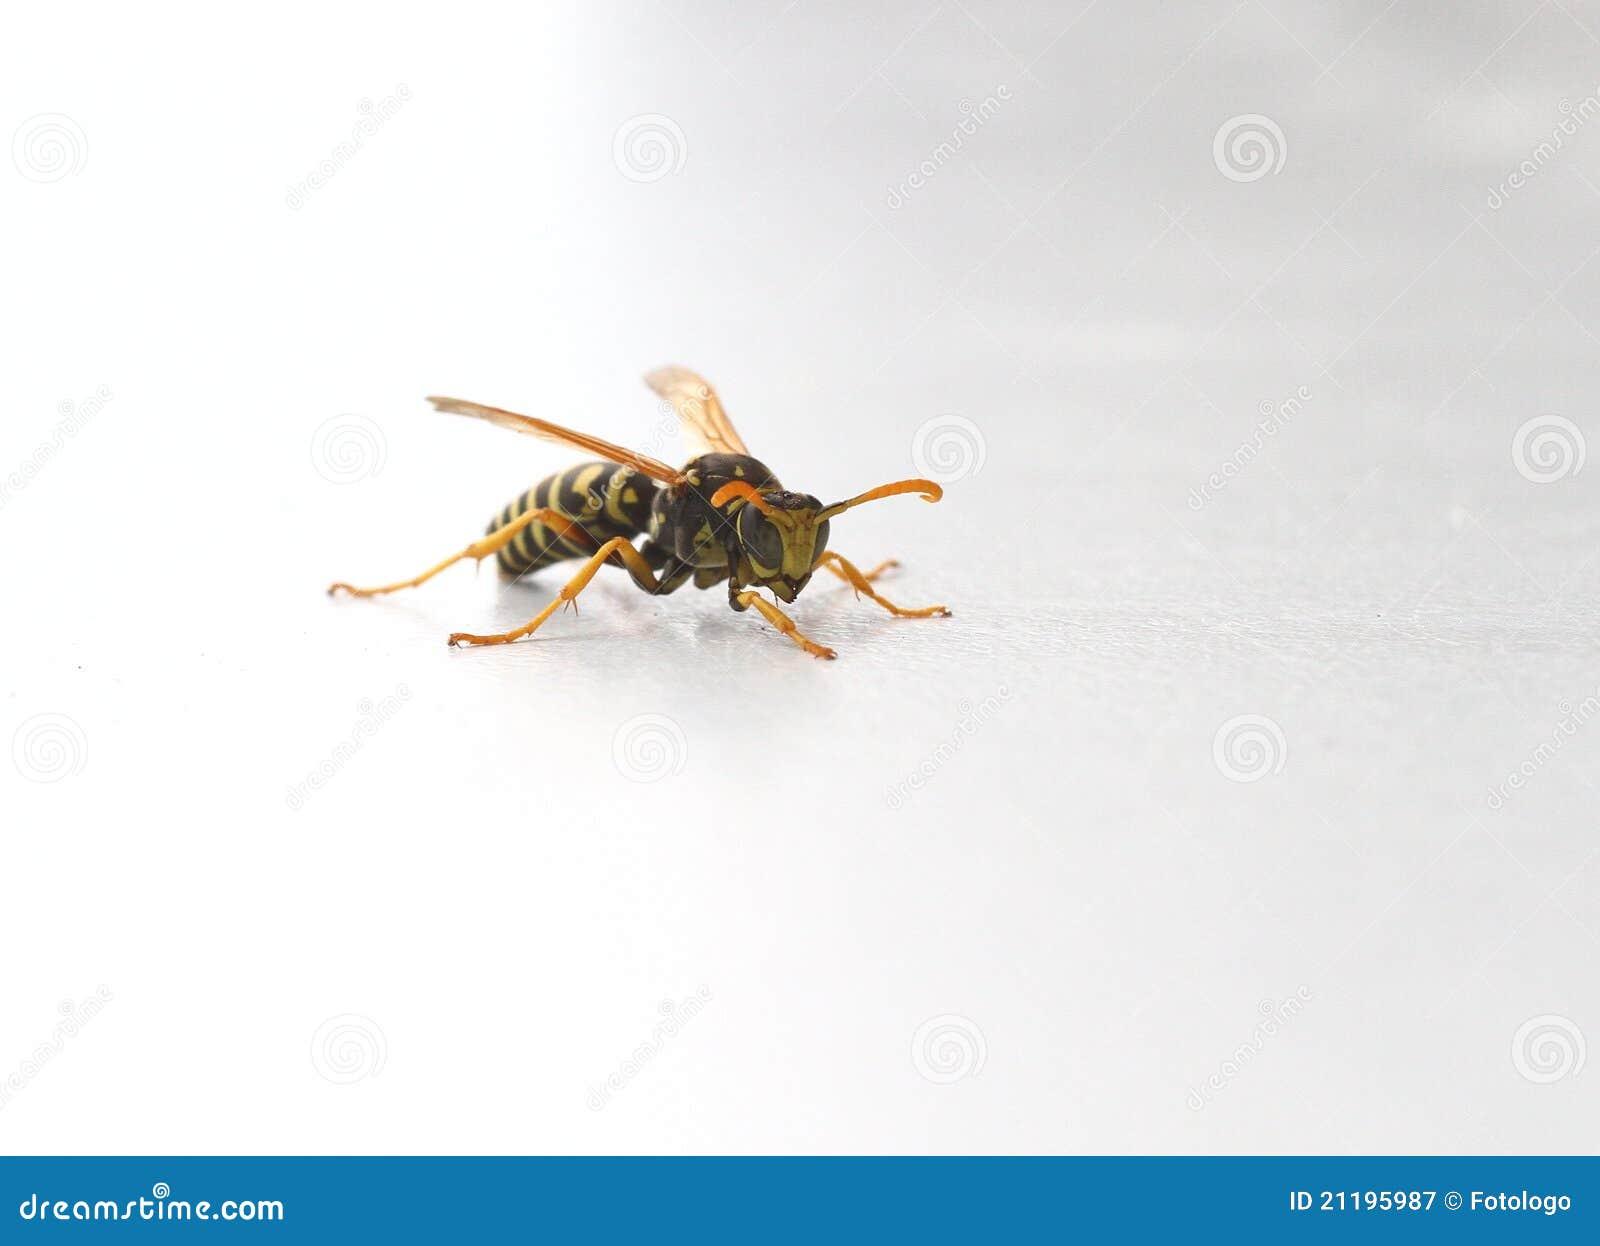 Wasp or Yellowjacket